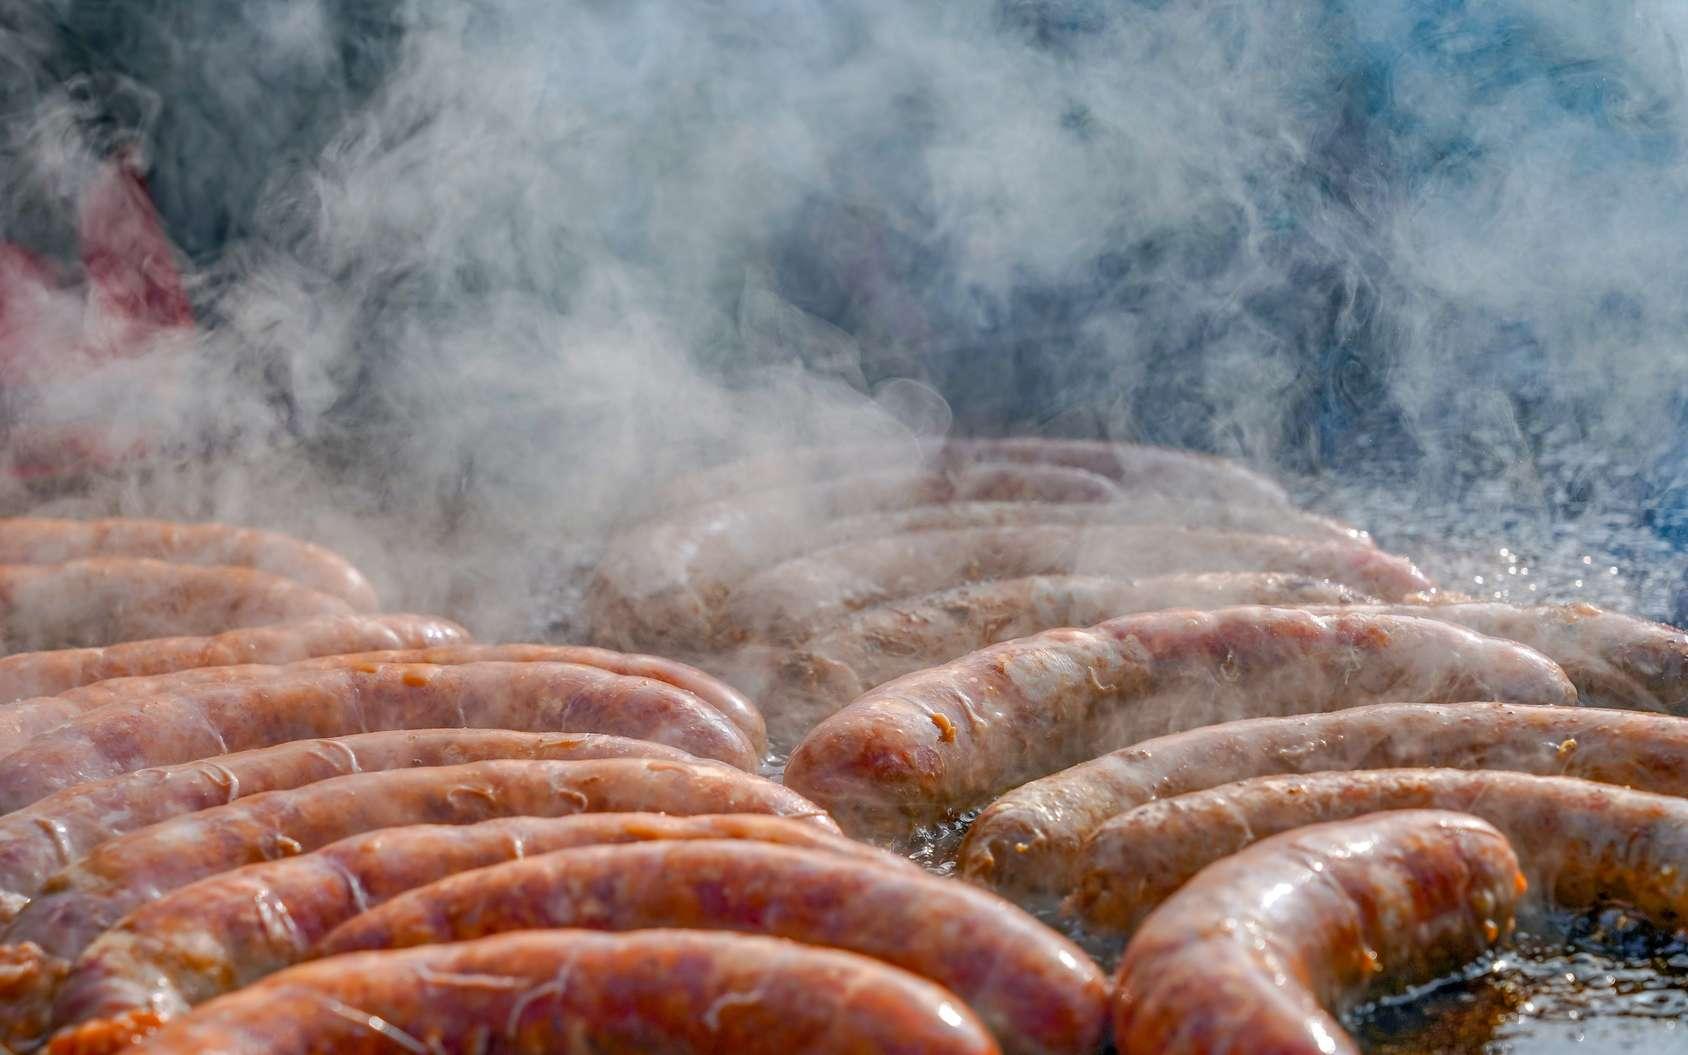 Consommer en excès, la viande transformée semble néfaste notamment si elle est combinée avec le tabac et une alimentation globalement malsaine. © RGtimeline, Fotolia